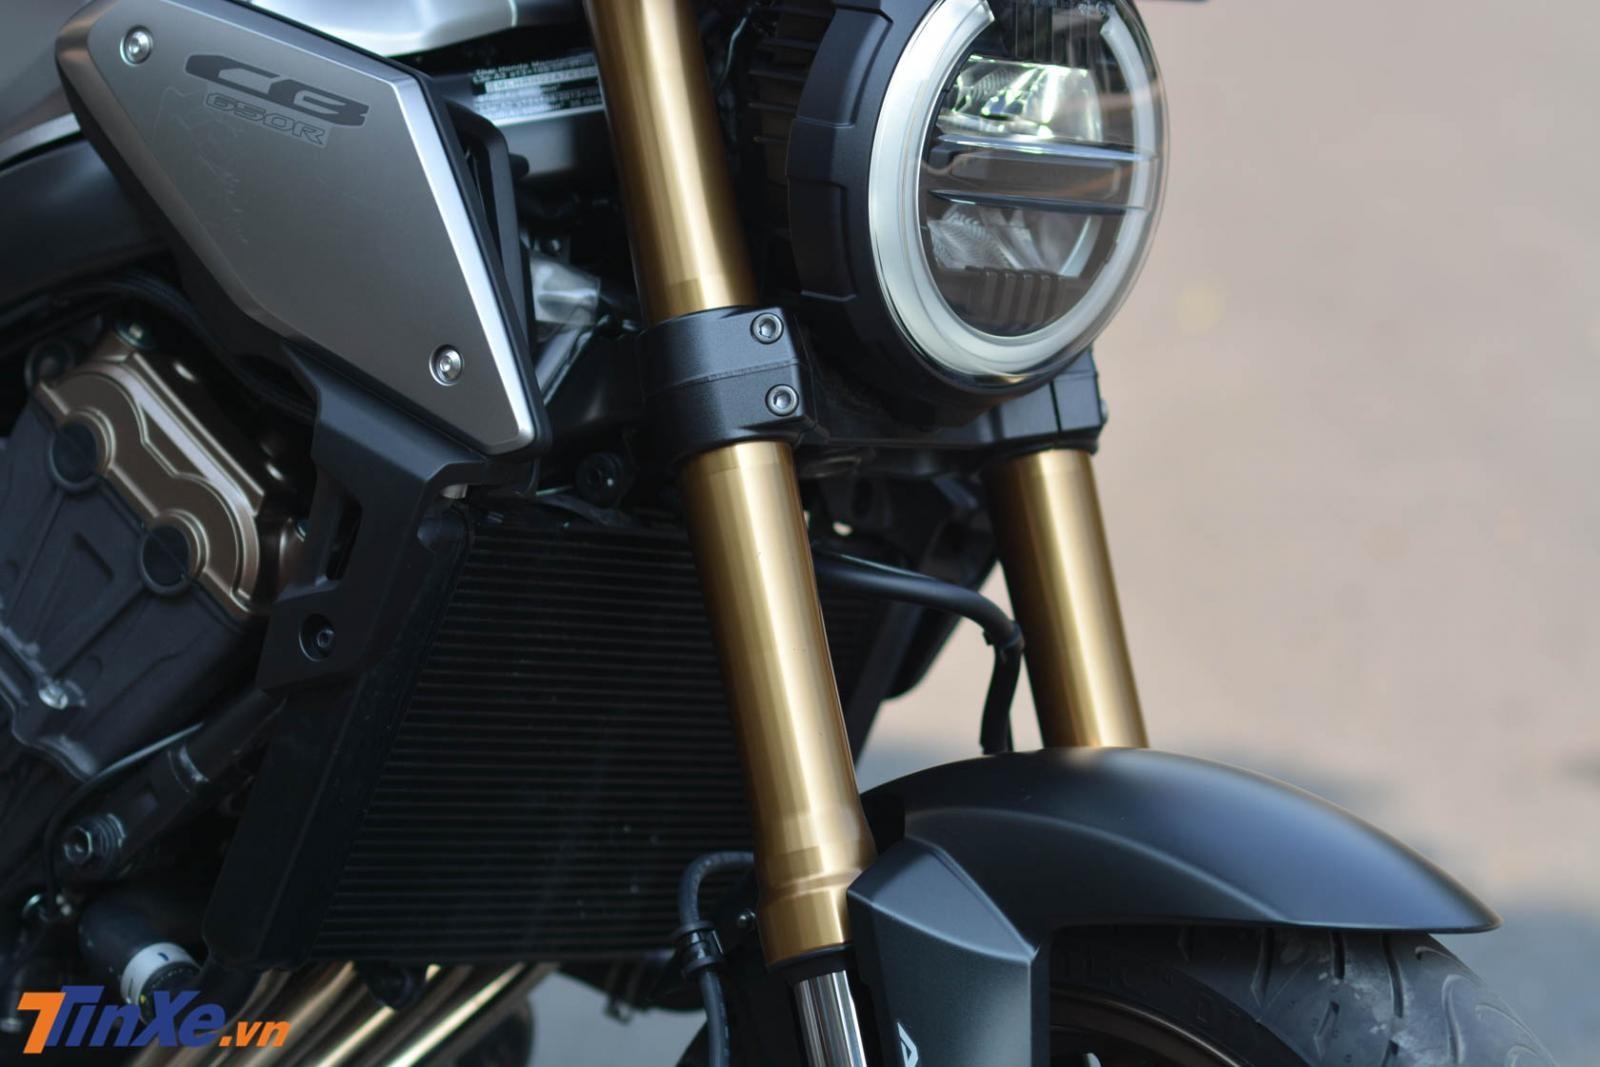 Hệ thống treo trên Honda CB650R 2019 bao gồm cặp phuộc ống lồng hành trình ngược SFF của Showa